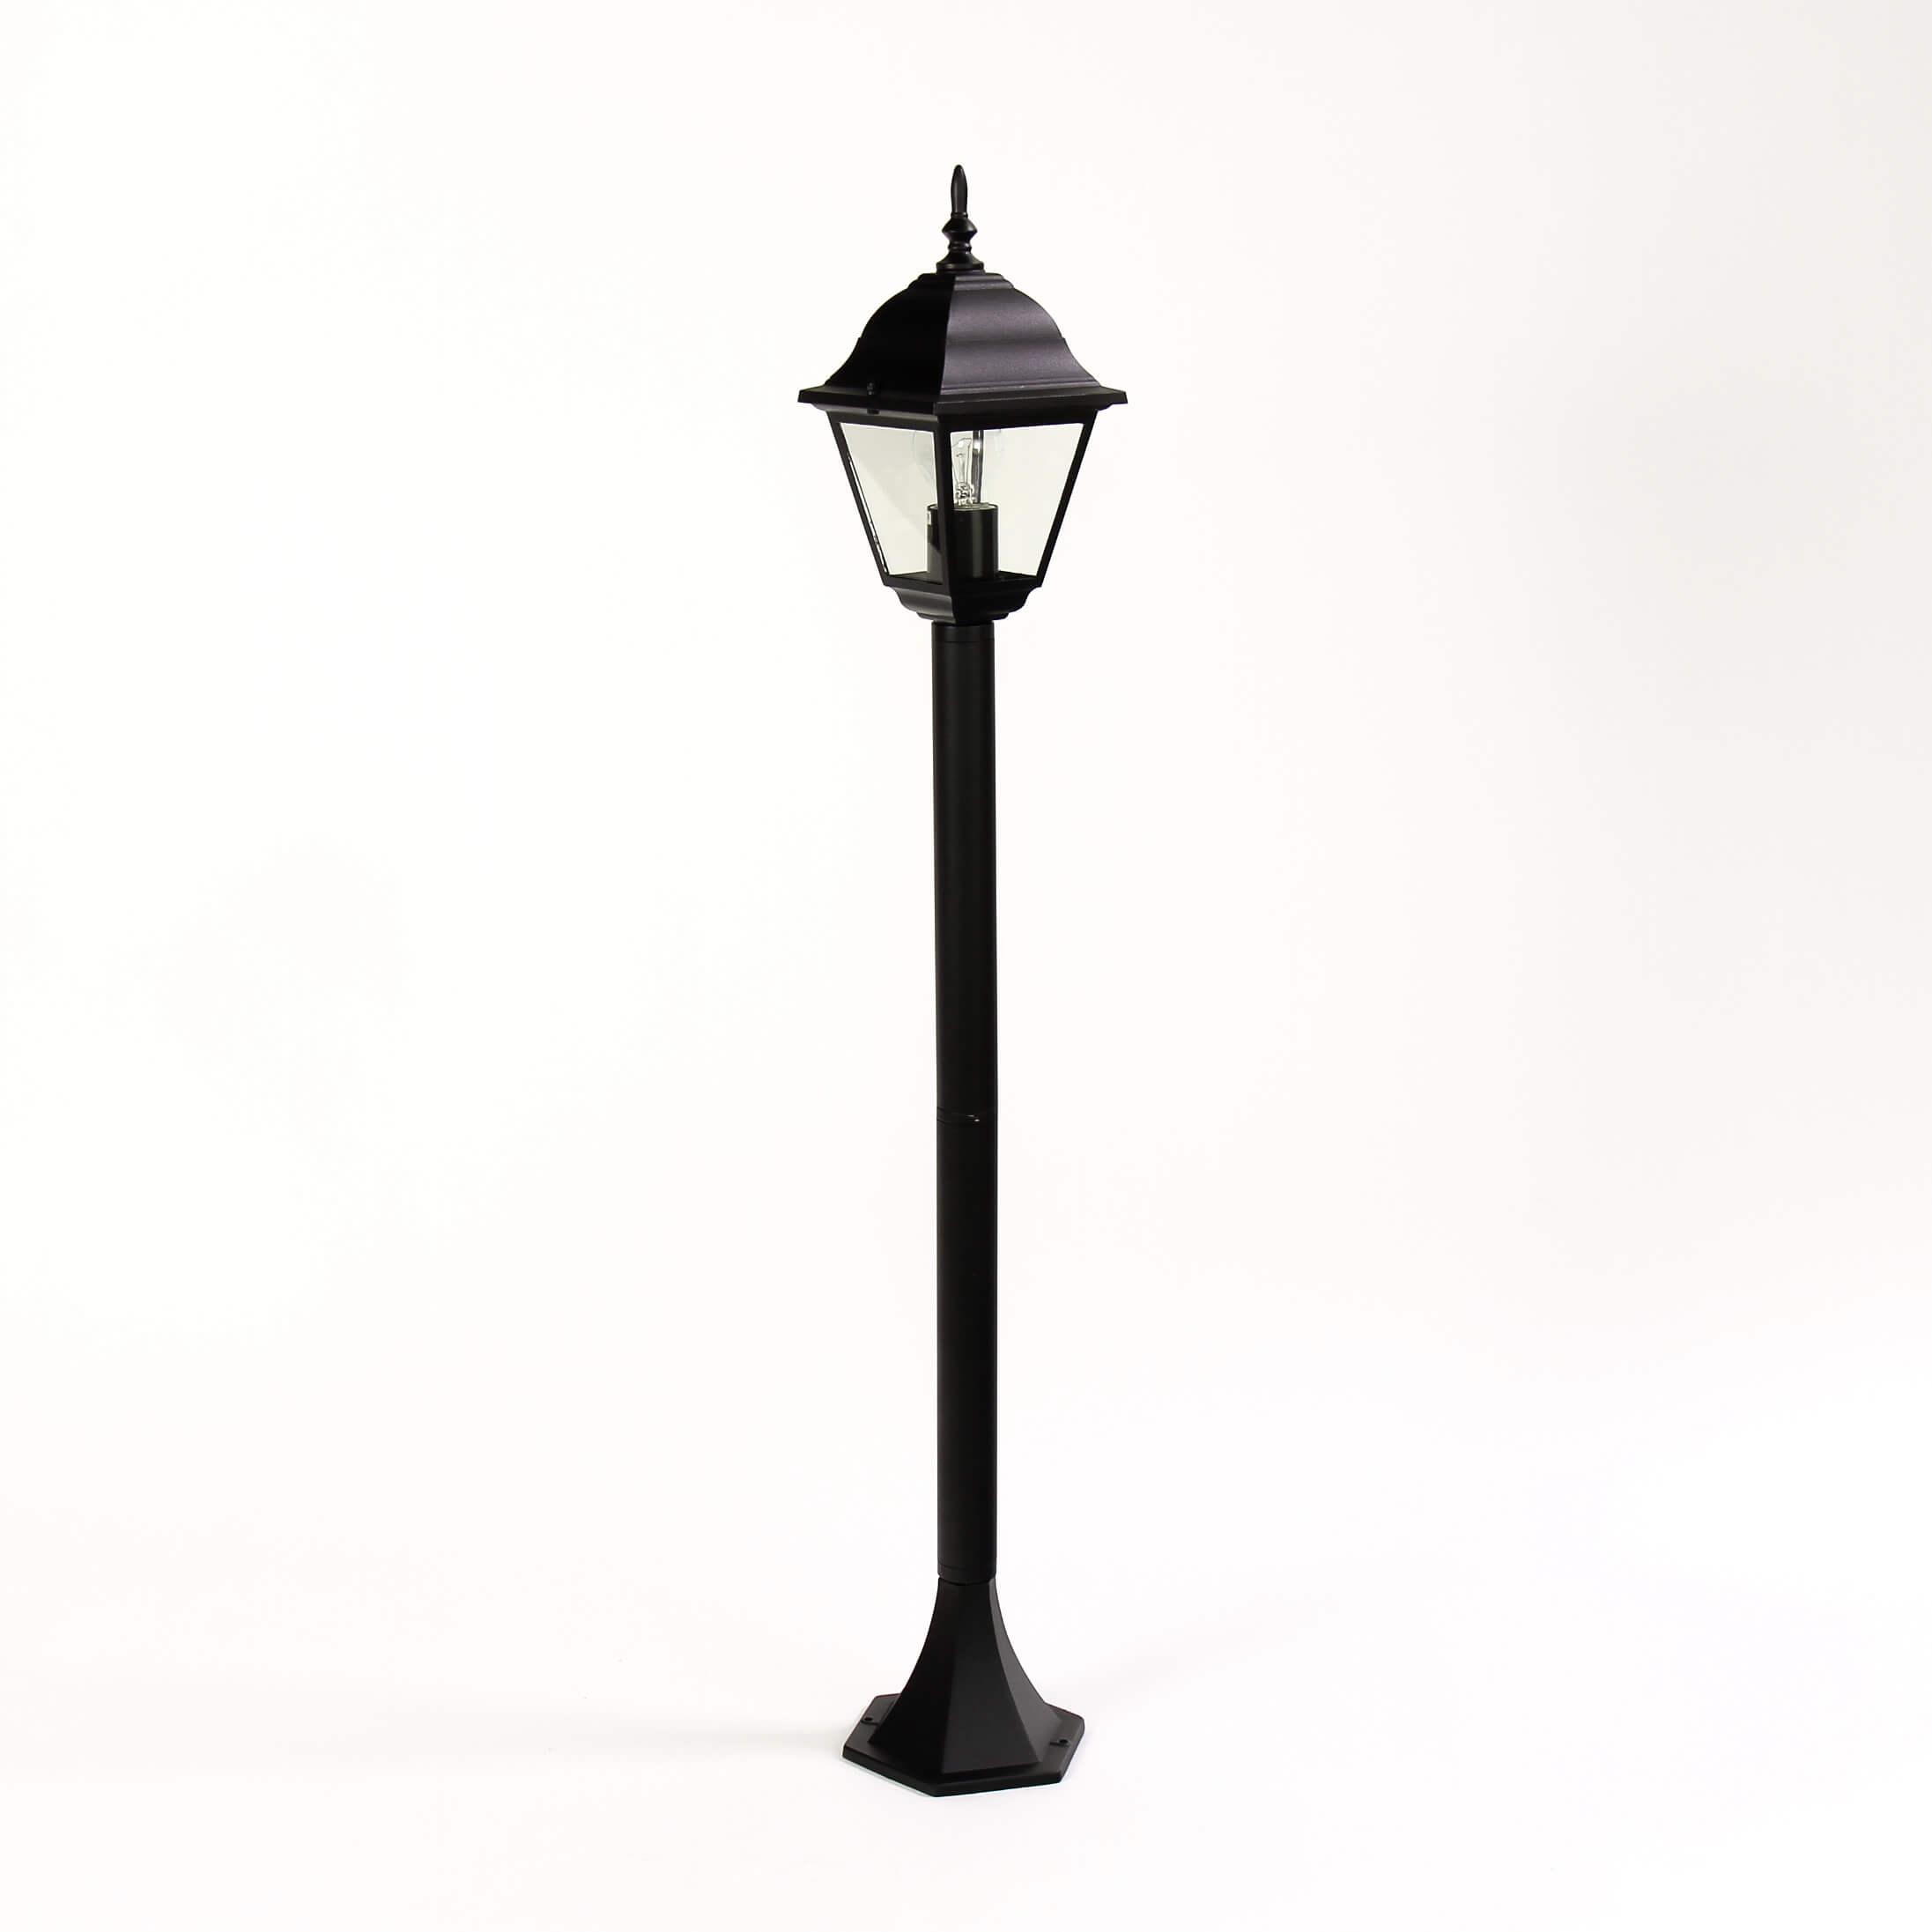 Schwarze Stehleuchte Außen ROM H:105cm E27 Laterne